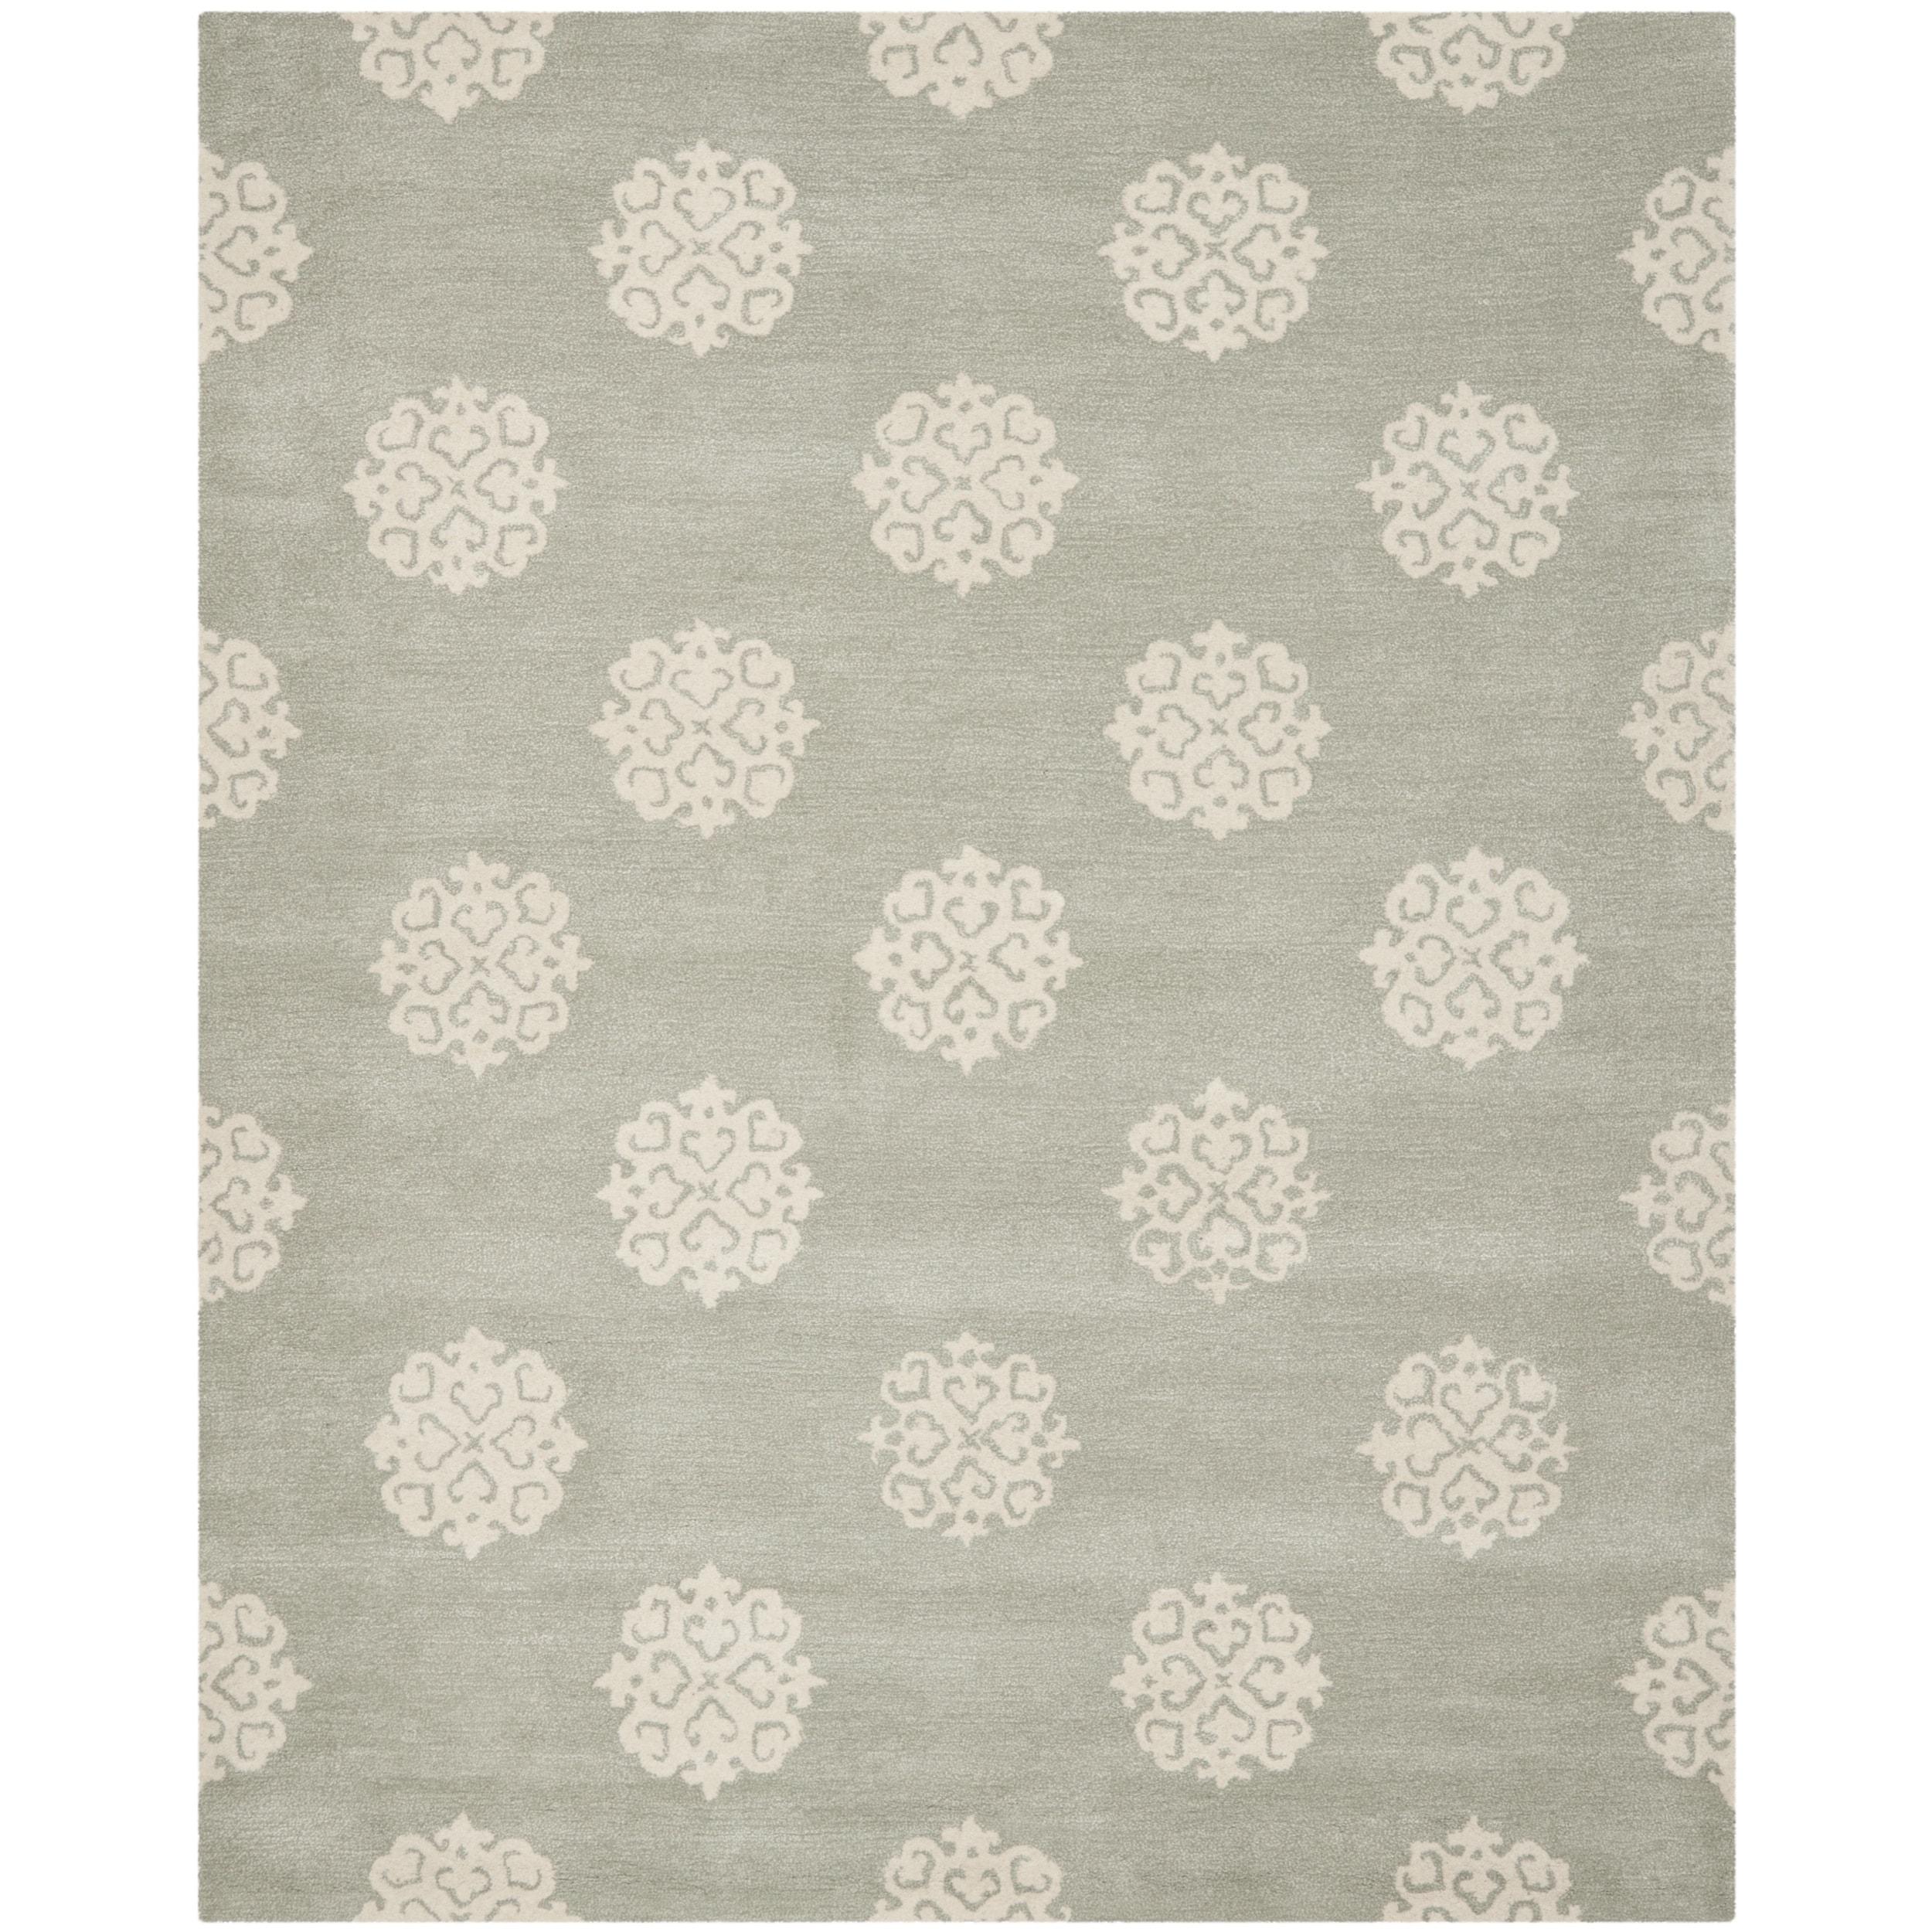 Safavieh Handmade Soho Gray/Ivory New Zealand Wool Area